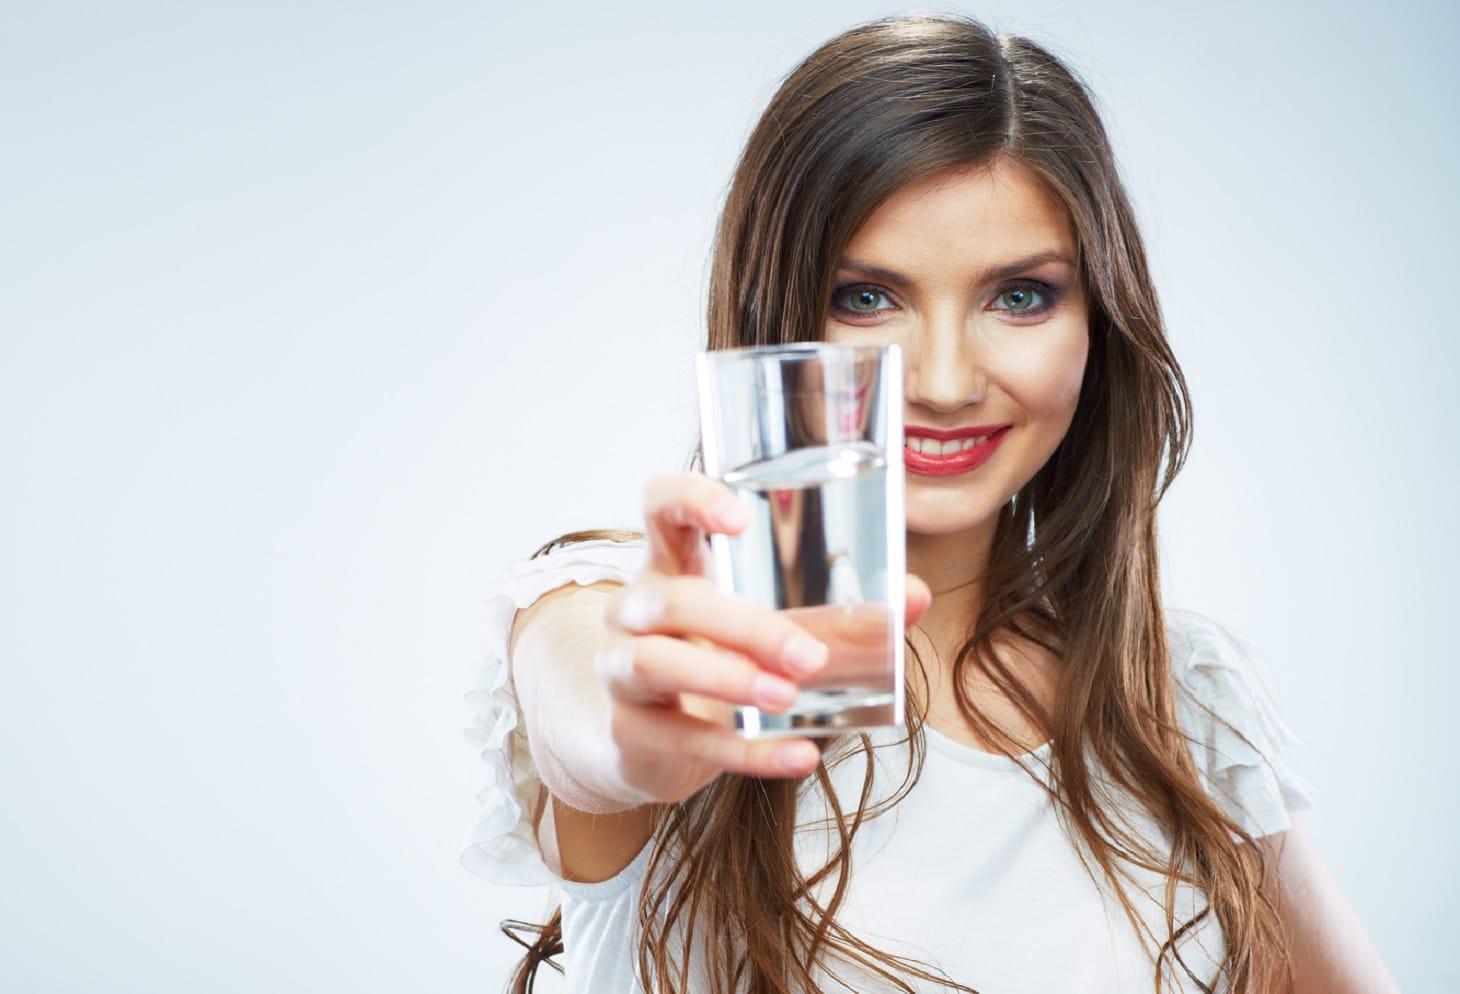 Девушка предлагает выпить — 5